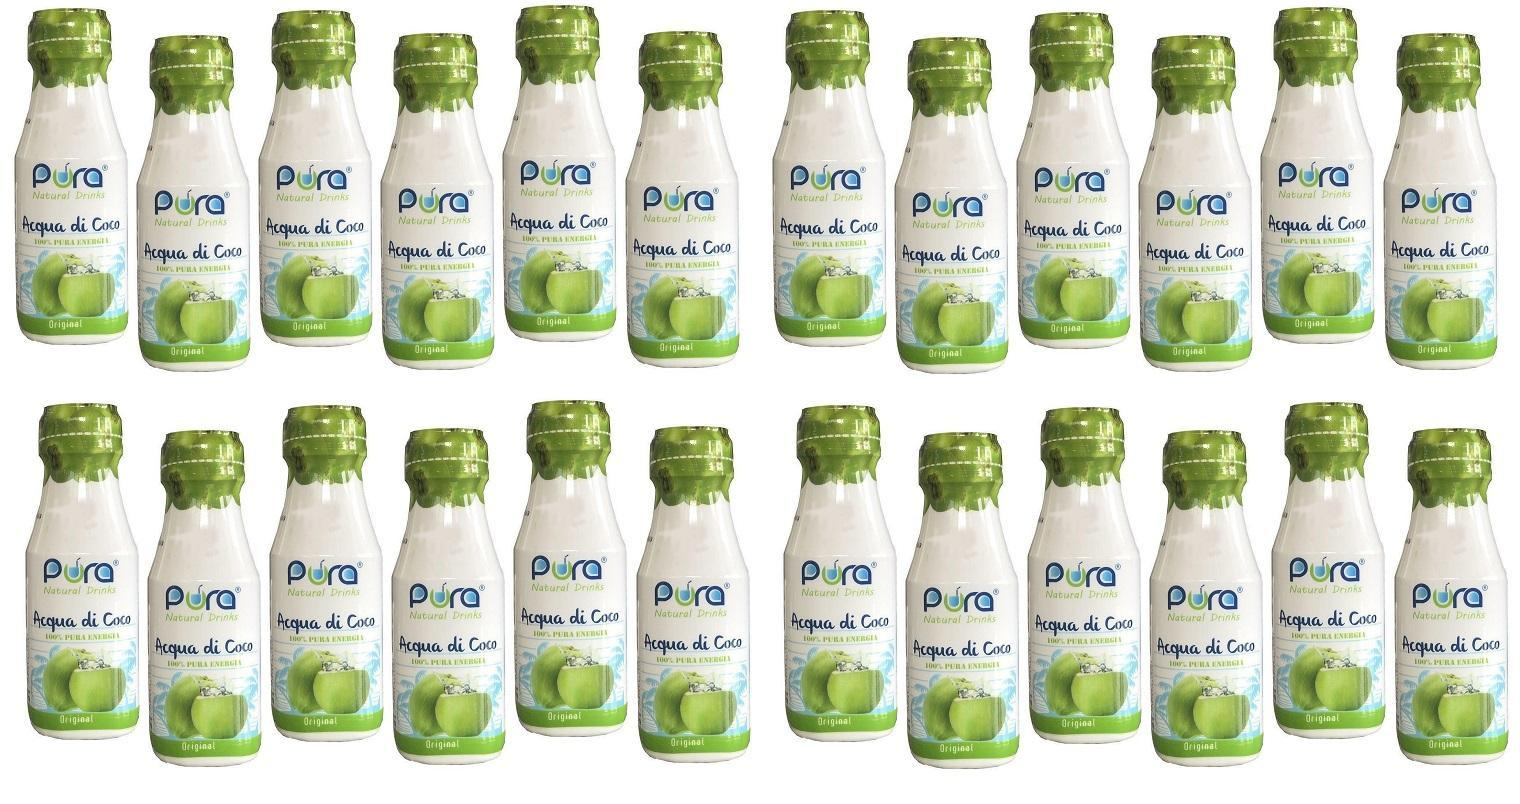 pura pura acqua di cocco 100% 24 bottigliette da 280 ml